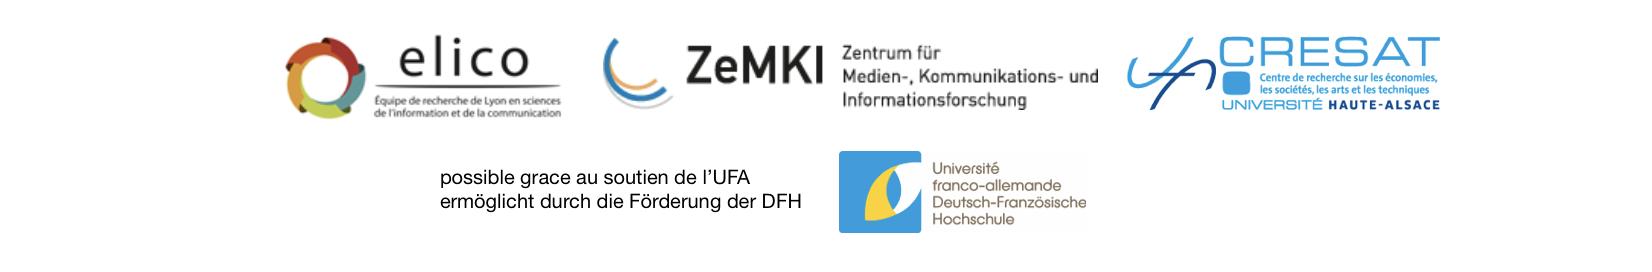 Milieux de communication franco-allemands / Deutsch-Französische Kommunikationsmilieus